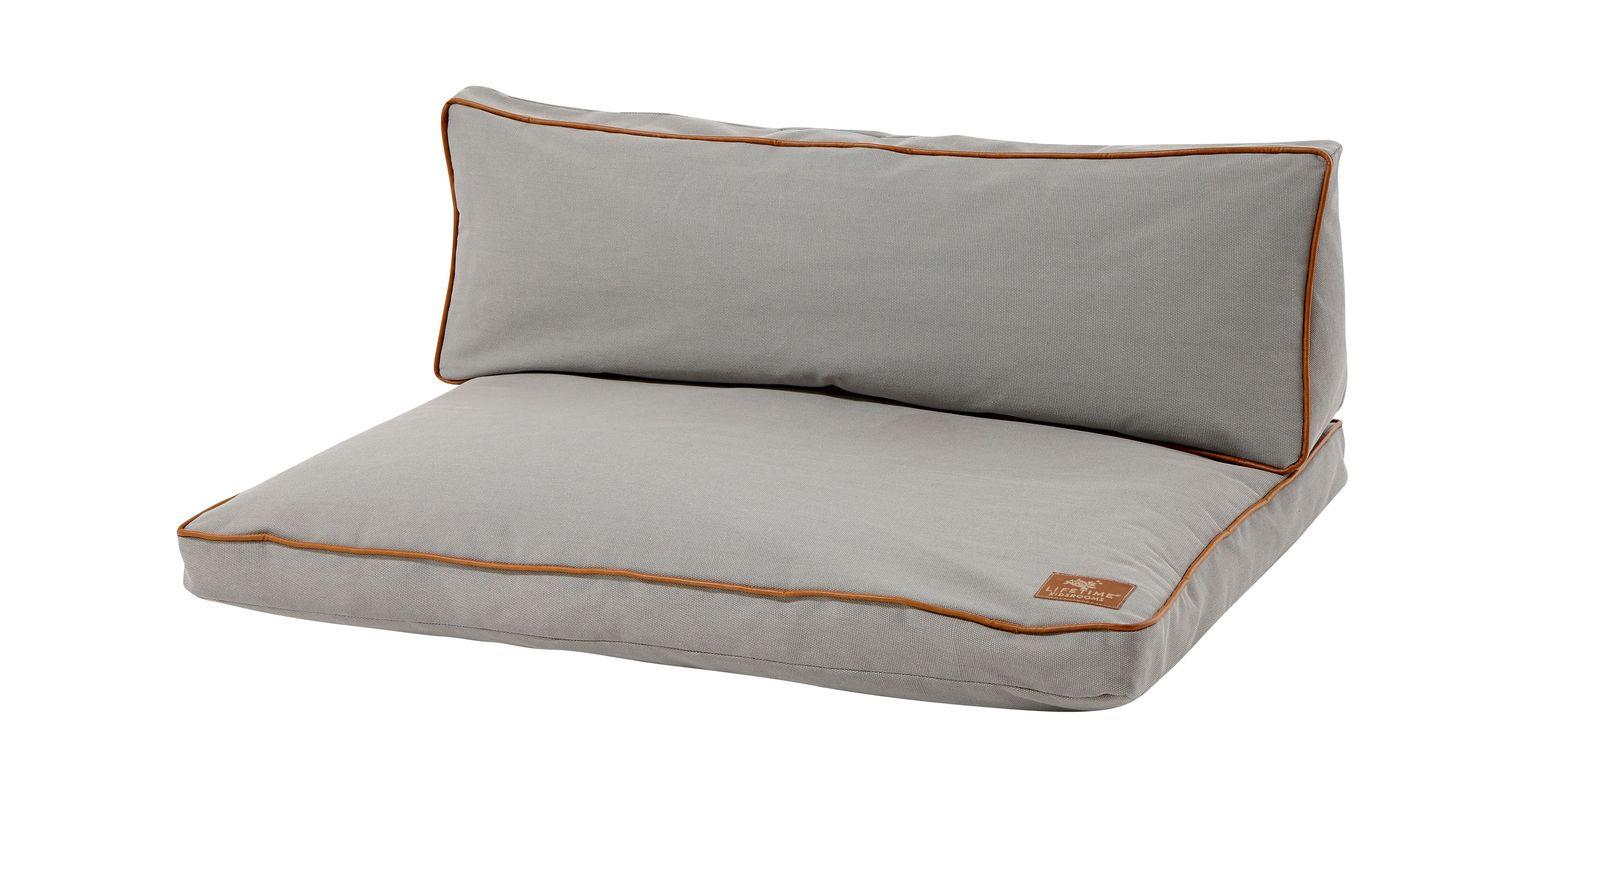 LIFETIME Bett & Sofa Ferienhaus mit Sitzpolster für die Couch